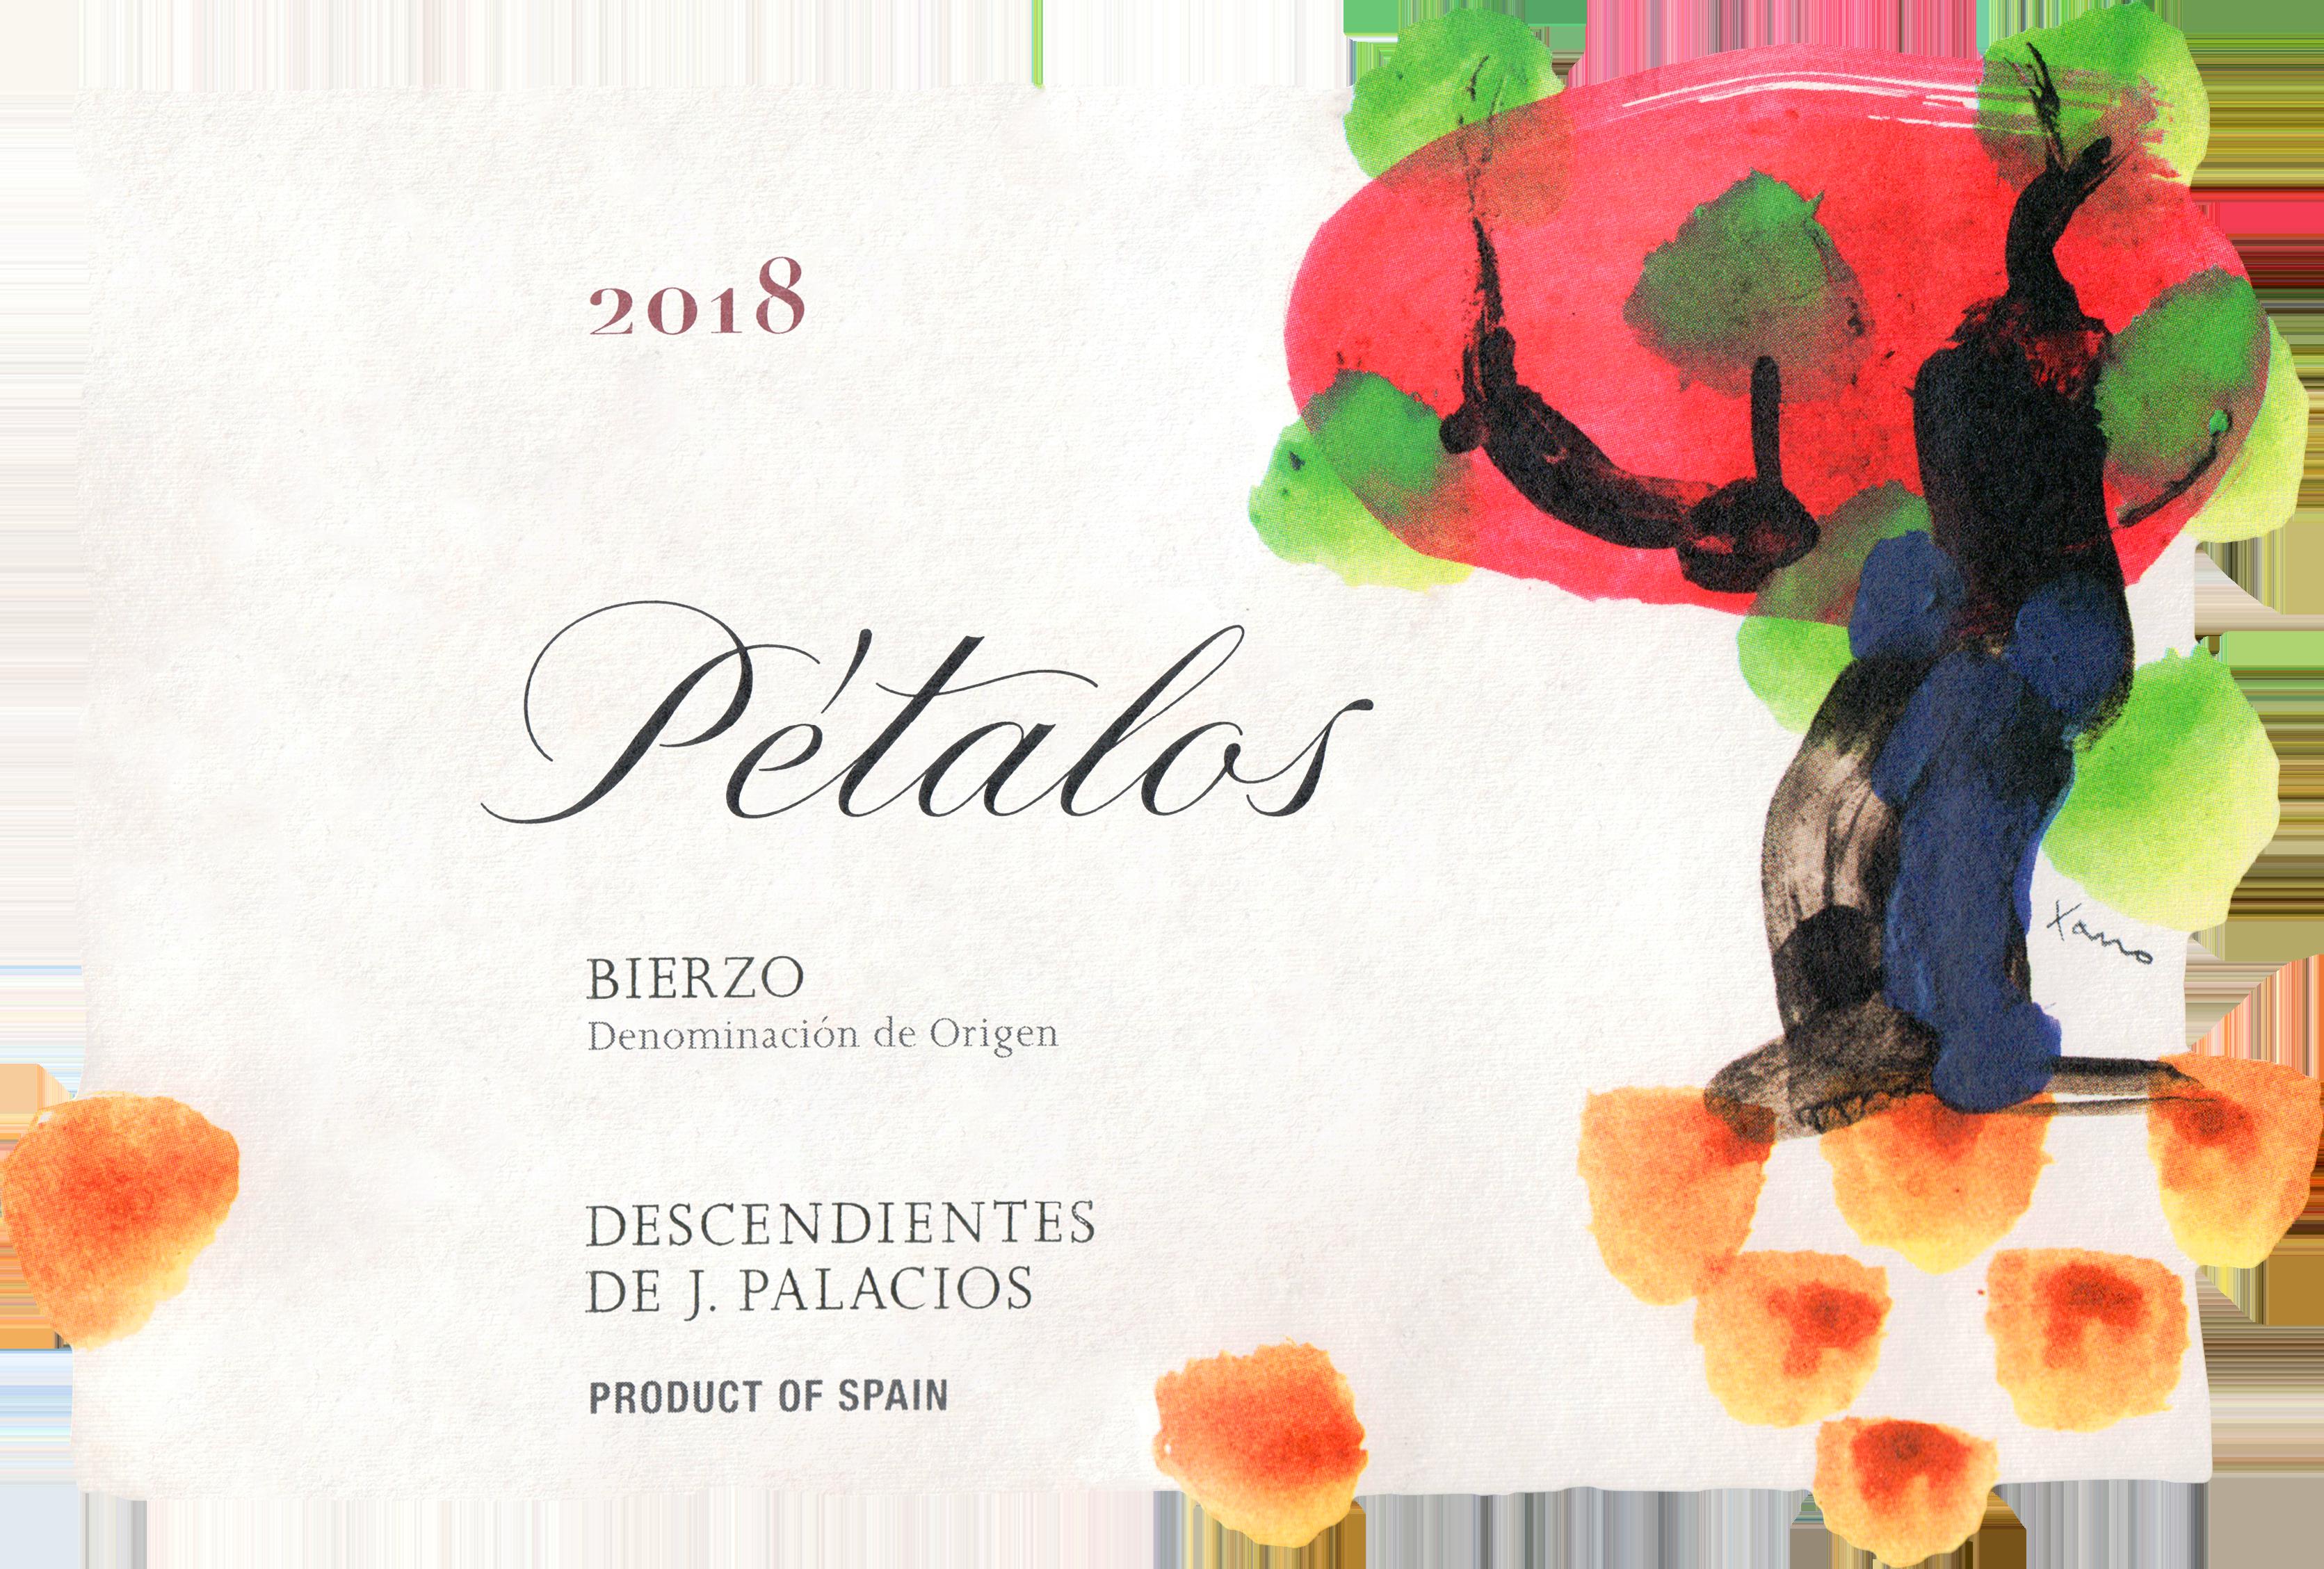 Descendientes De Jose Palacios Bierzo Petalos 2018